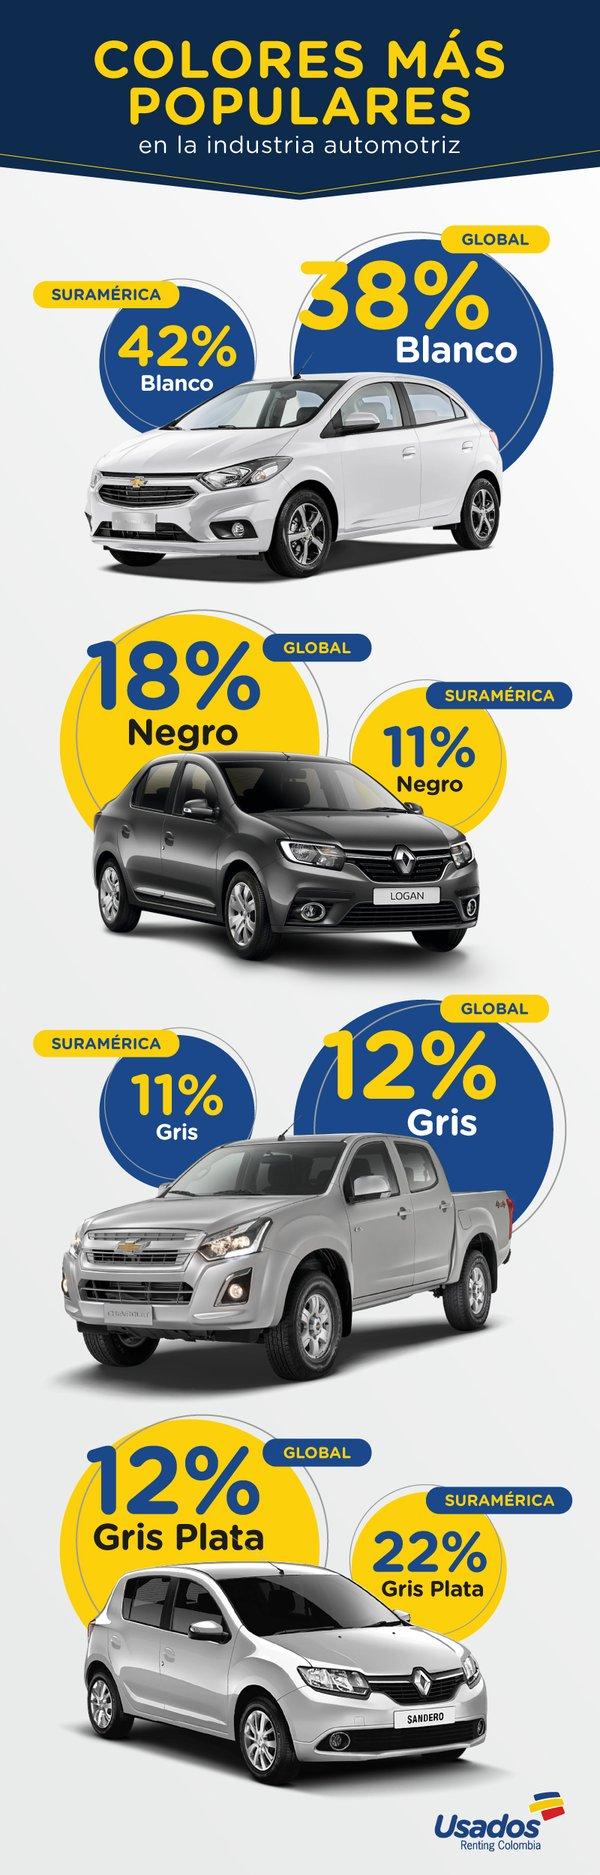 colores-populares-en-industria-automotriz